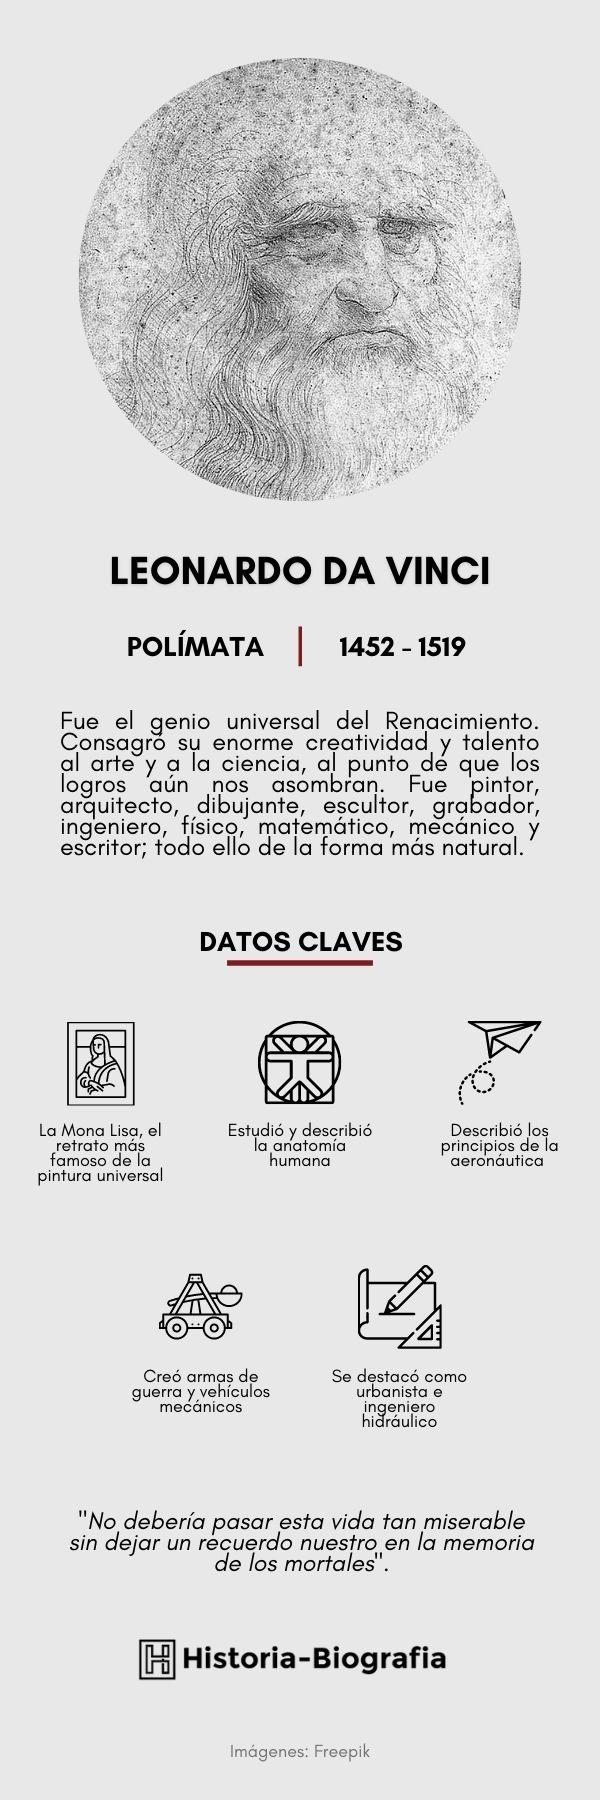 Infografía de Leonardo da Vinci